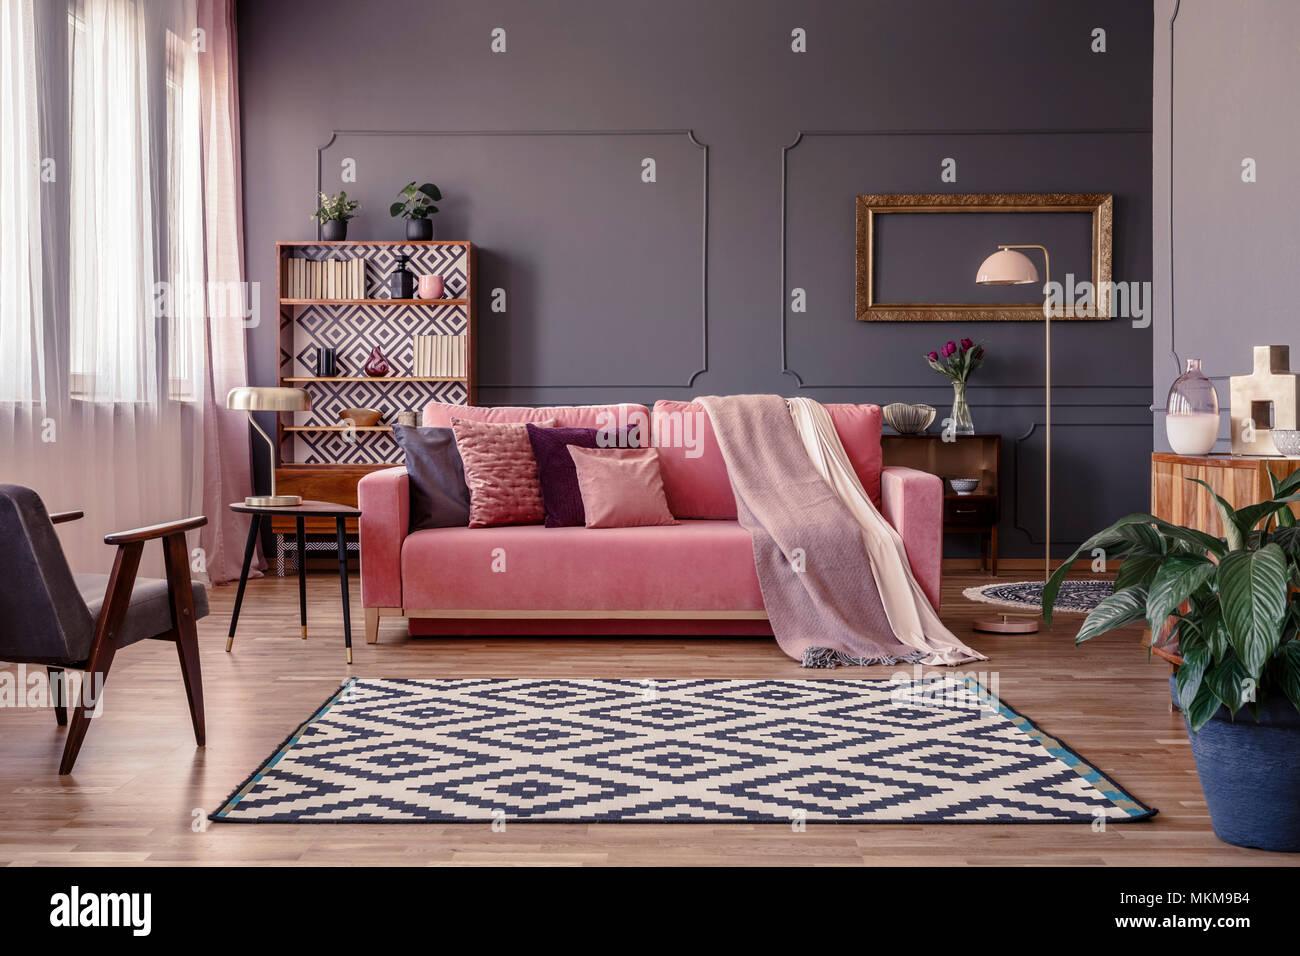 rosa sofa mit zwei decken und kissen stehen im wohnzimmer einrichtung mit fenstern mit vorh ngen. Black Bedroom Furniture Sets. Home Design Ideas